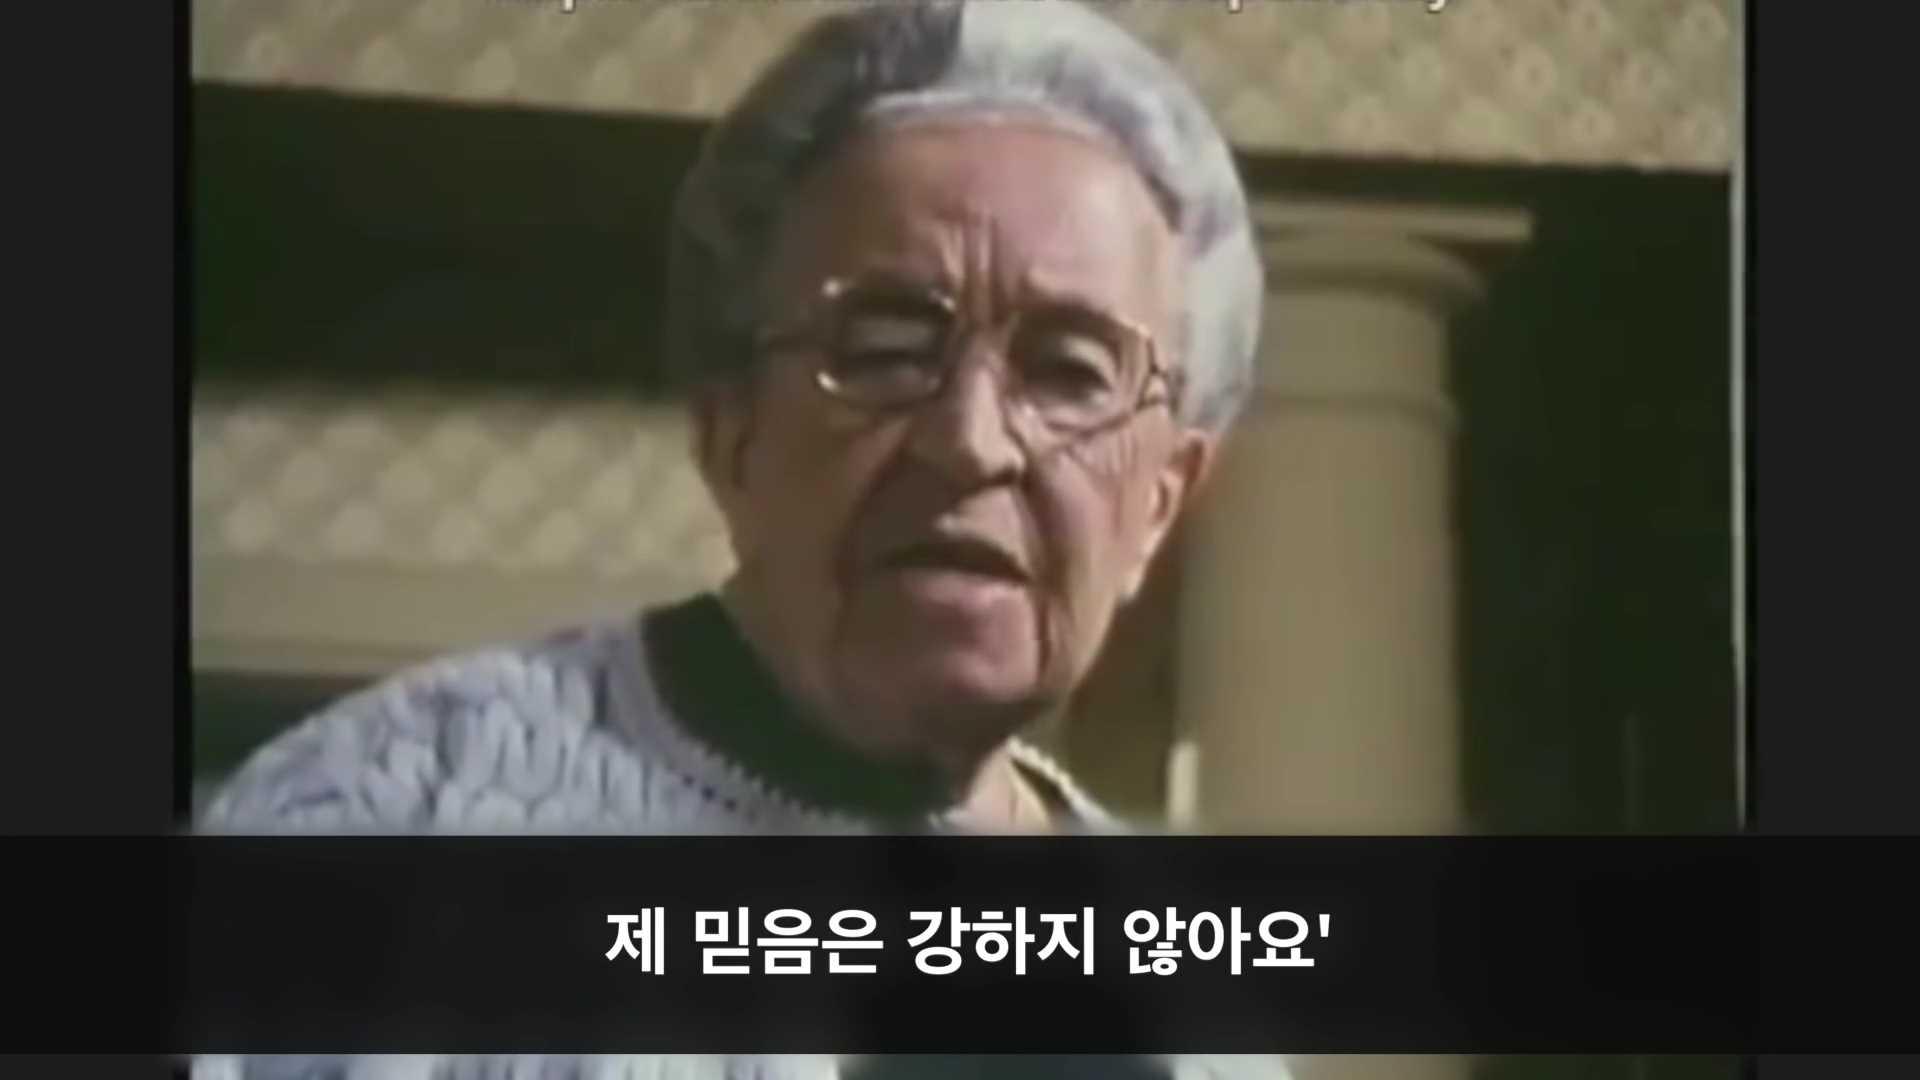 코리 텐 붐 - 주는 나의 피난처.mp4_000179047.jpg